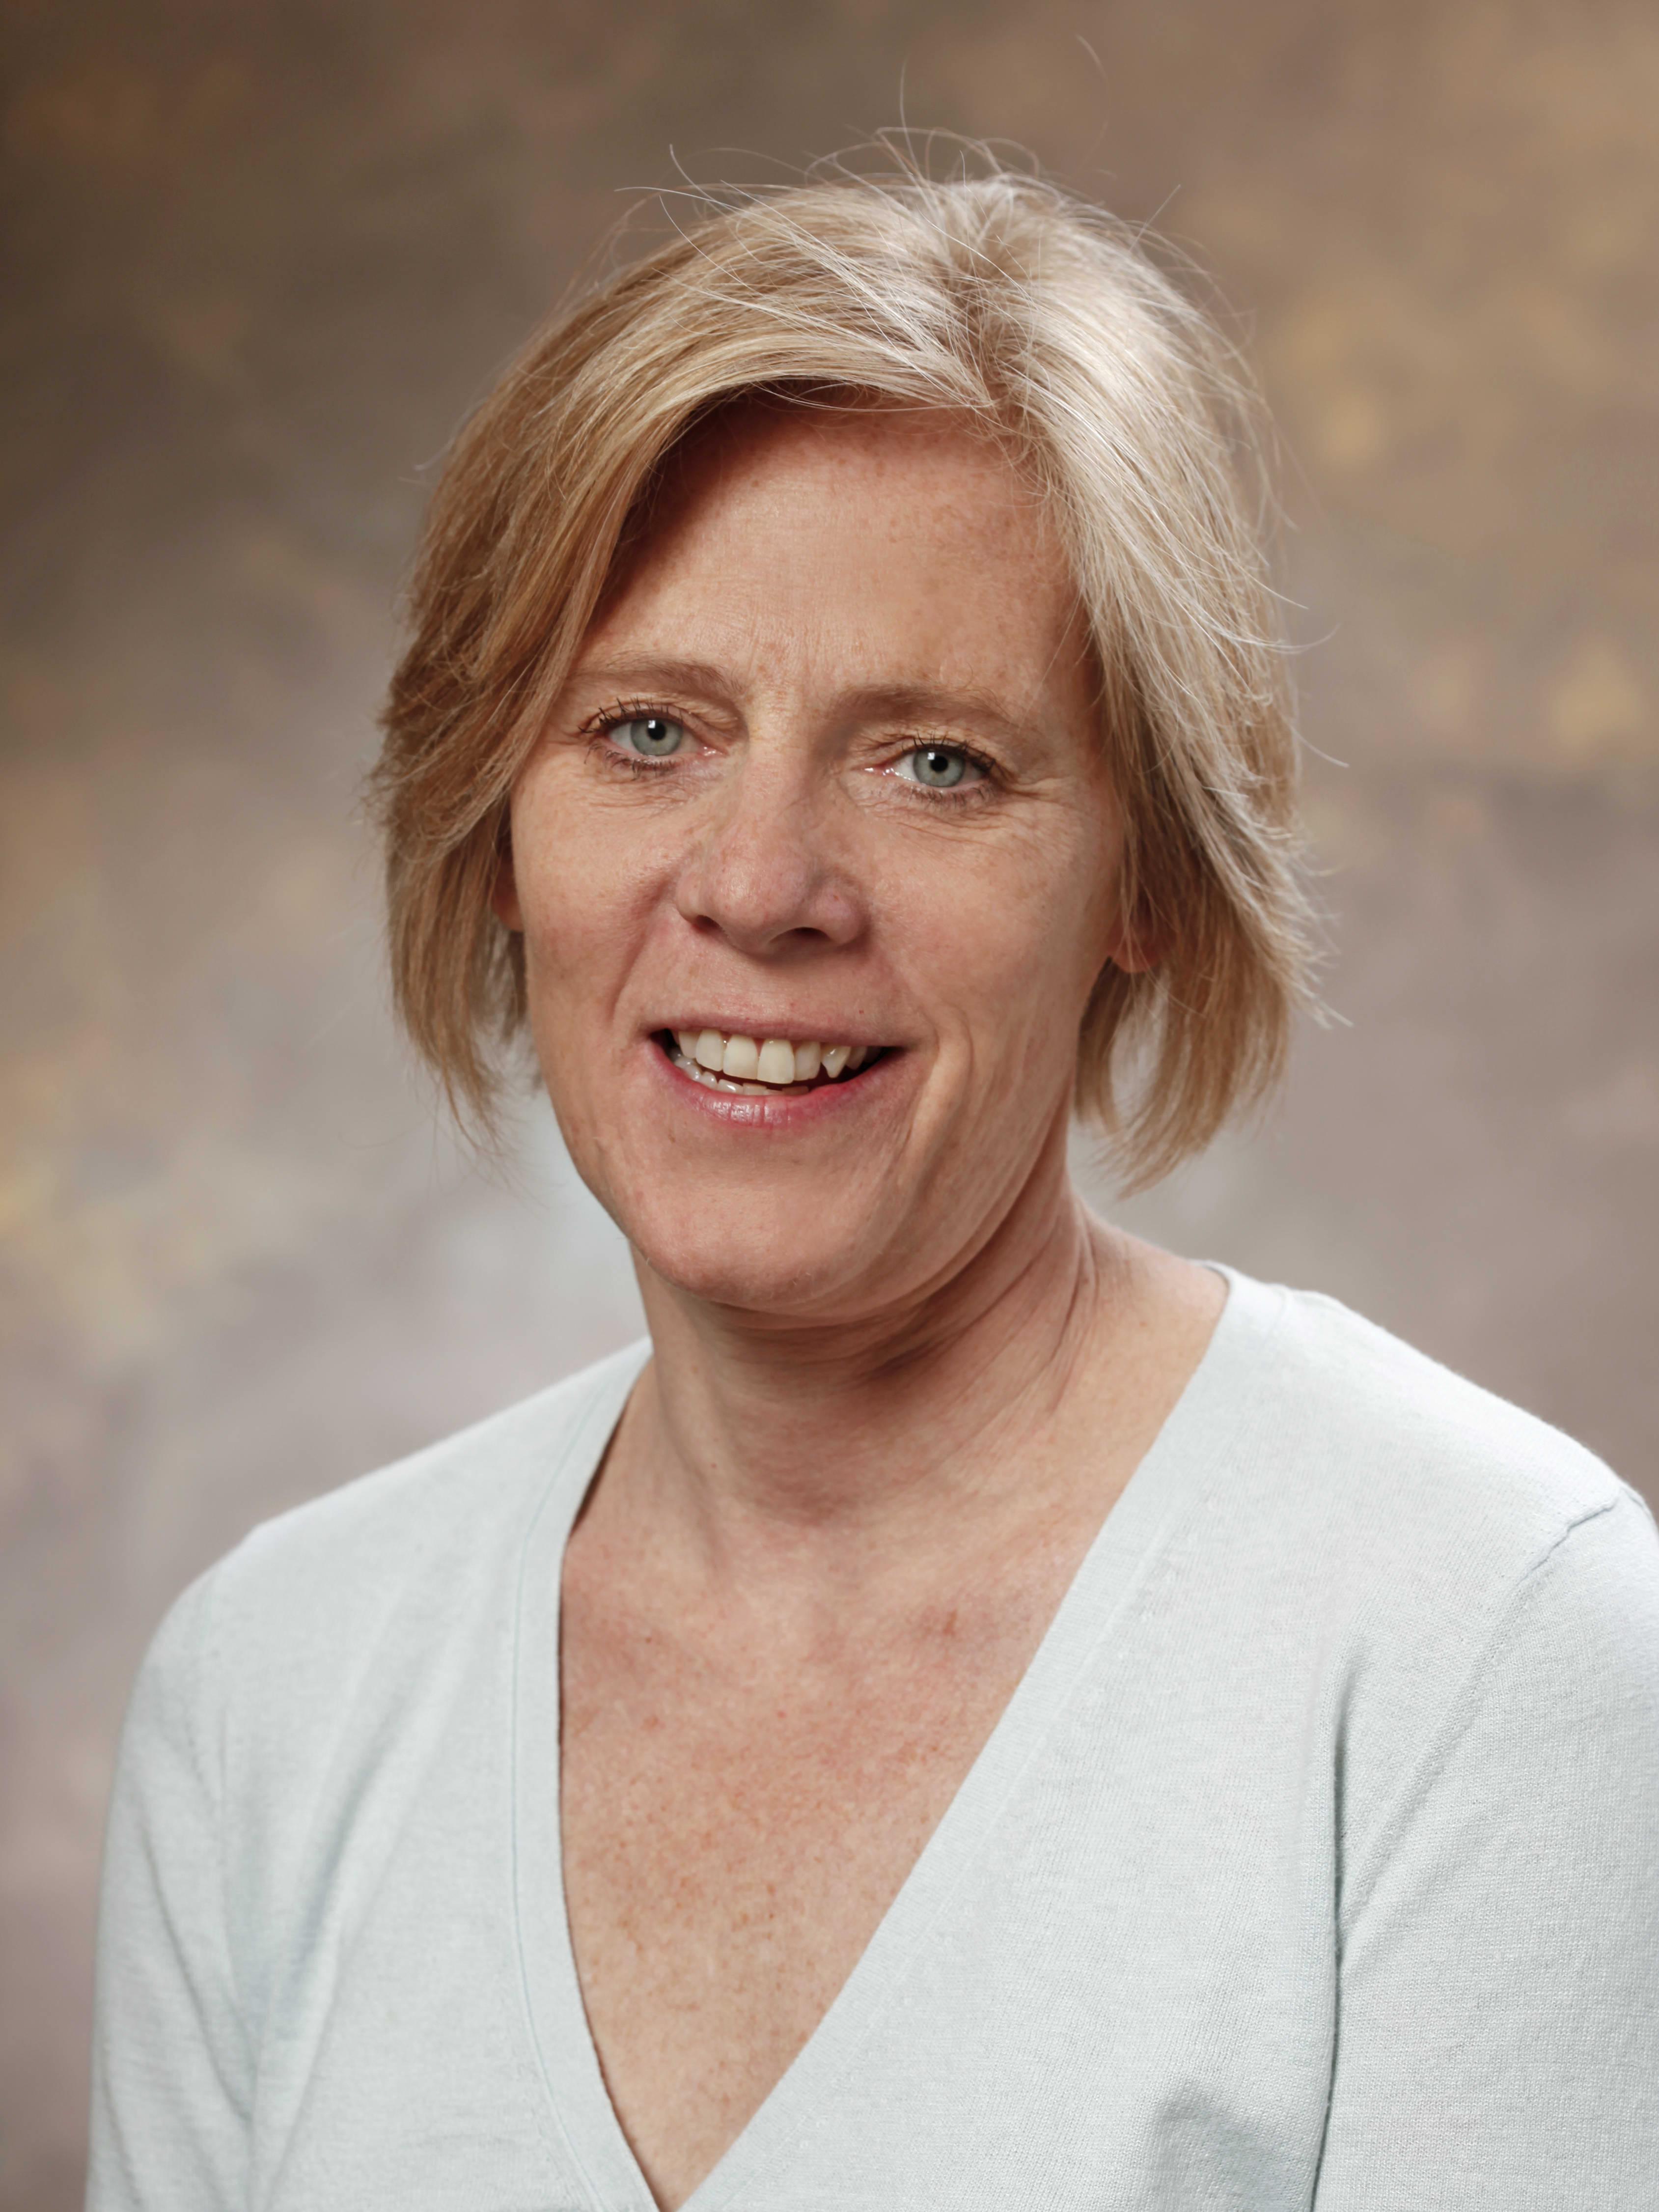 Kathleen Koenig